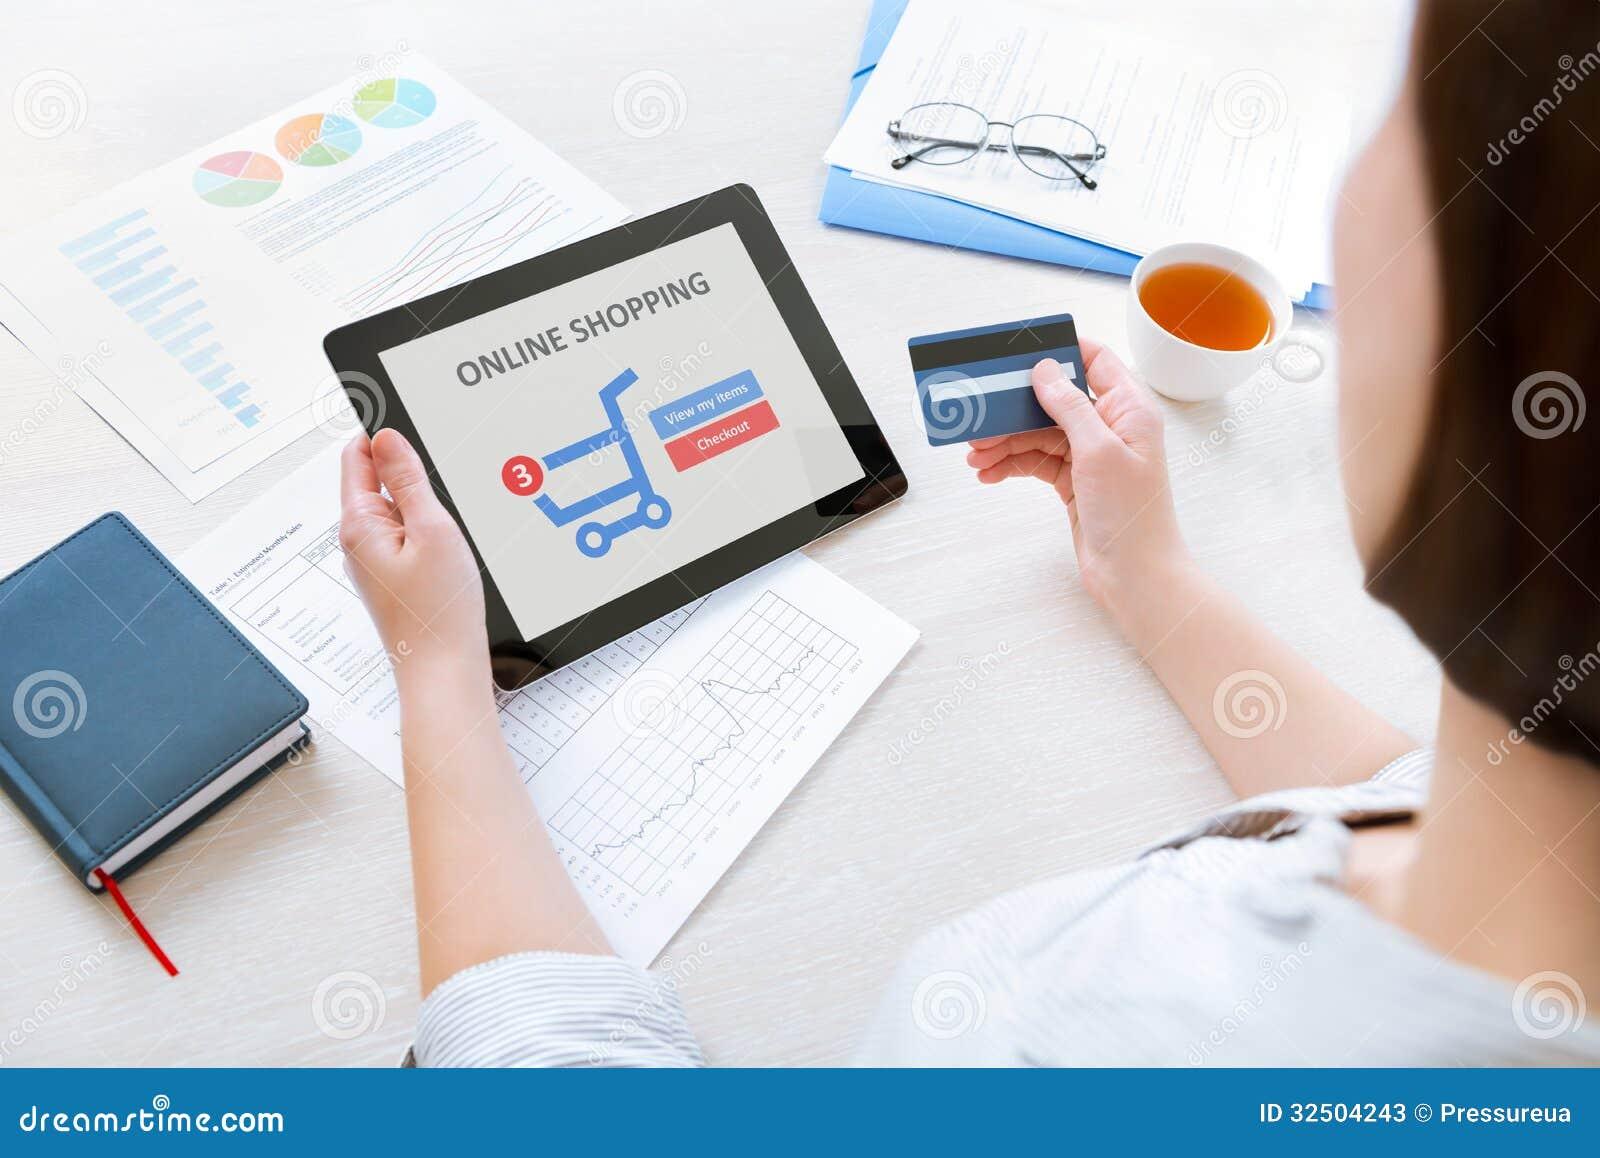 online shopping with digital tablet stock image image of finance digital 32504243. Black Bedroom Furniture Sets. Home Design Ideas